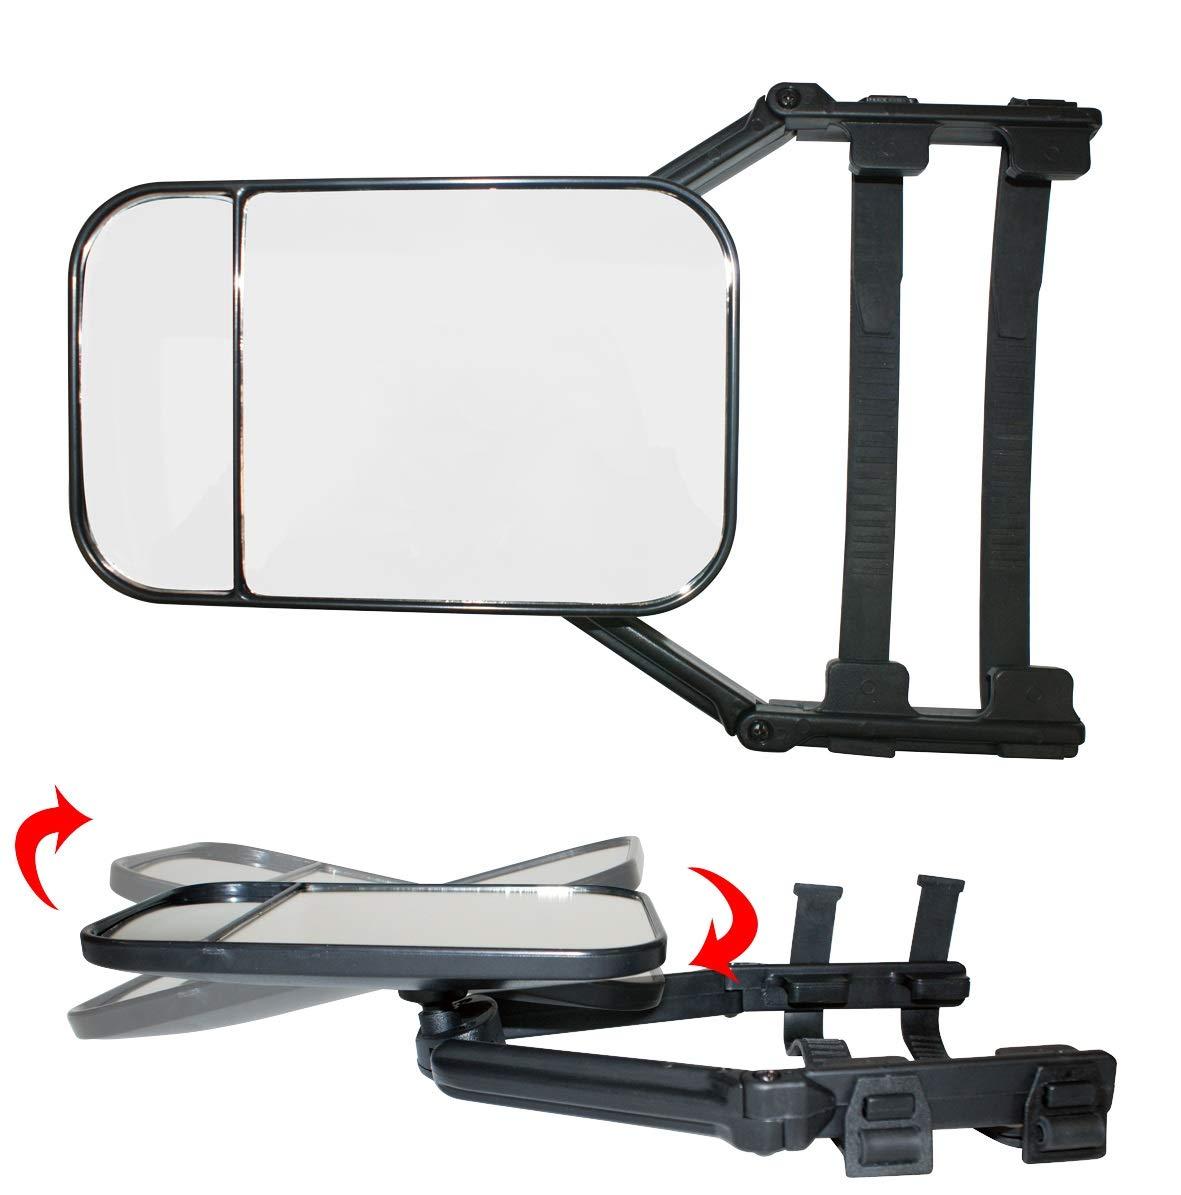 LAS 2X Caravanspiegel universal fü r PKW Wohnwagen-Spiegel Set Paar mit E-Zulassung